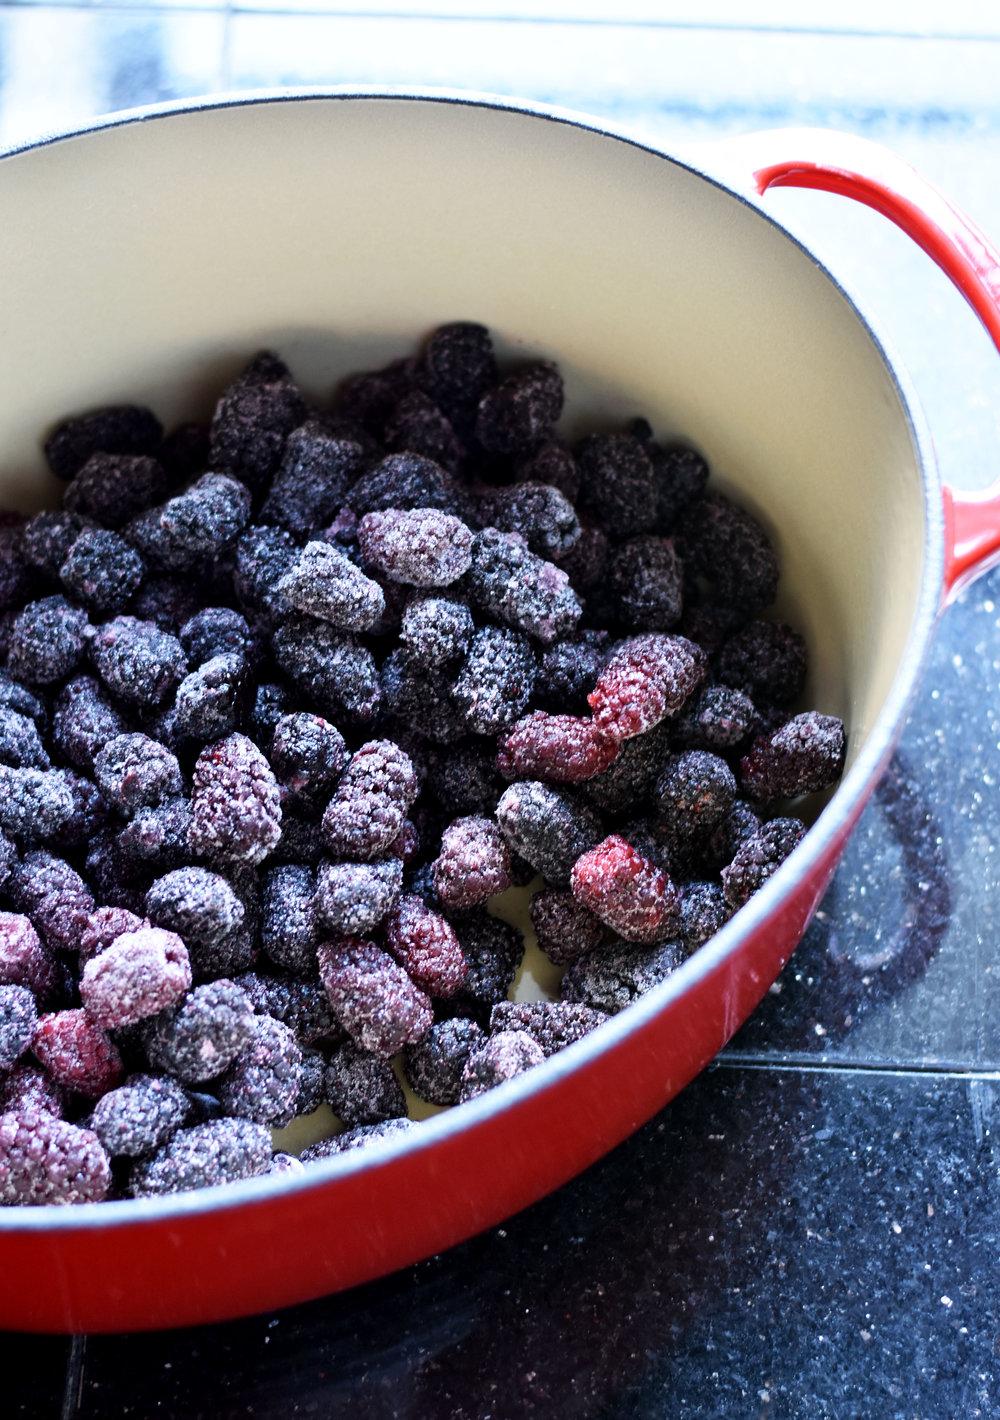 Blackberries for Blackberry Chipotle Jam